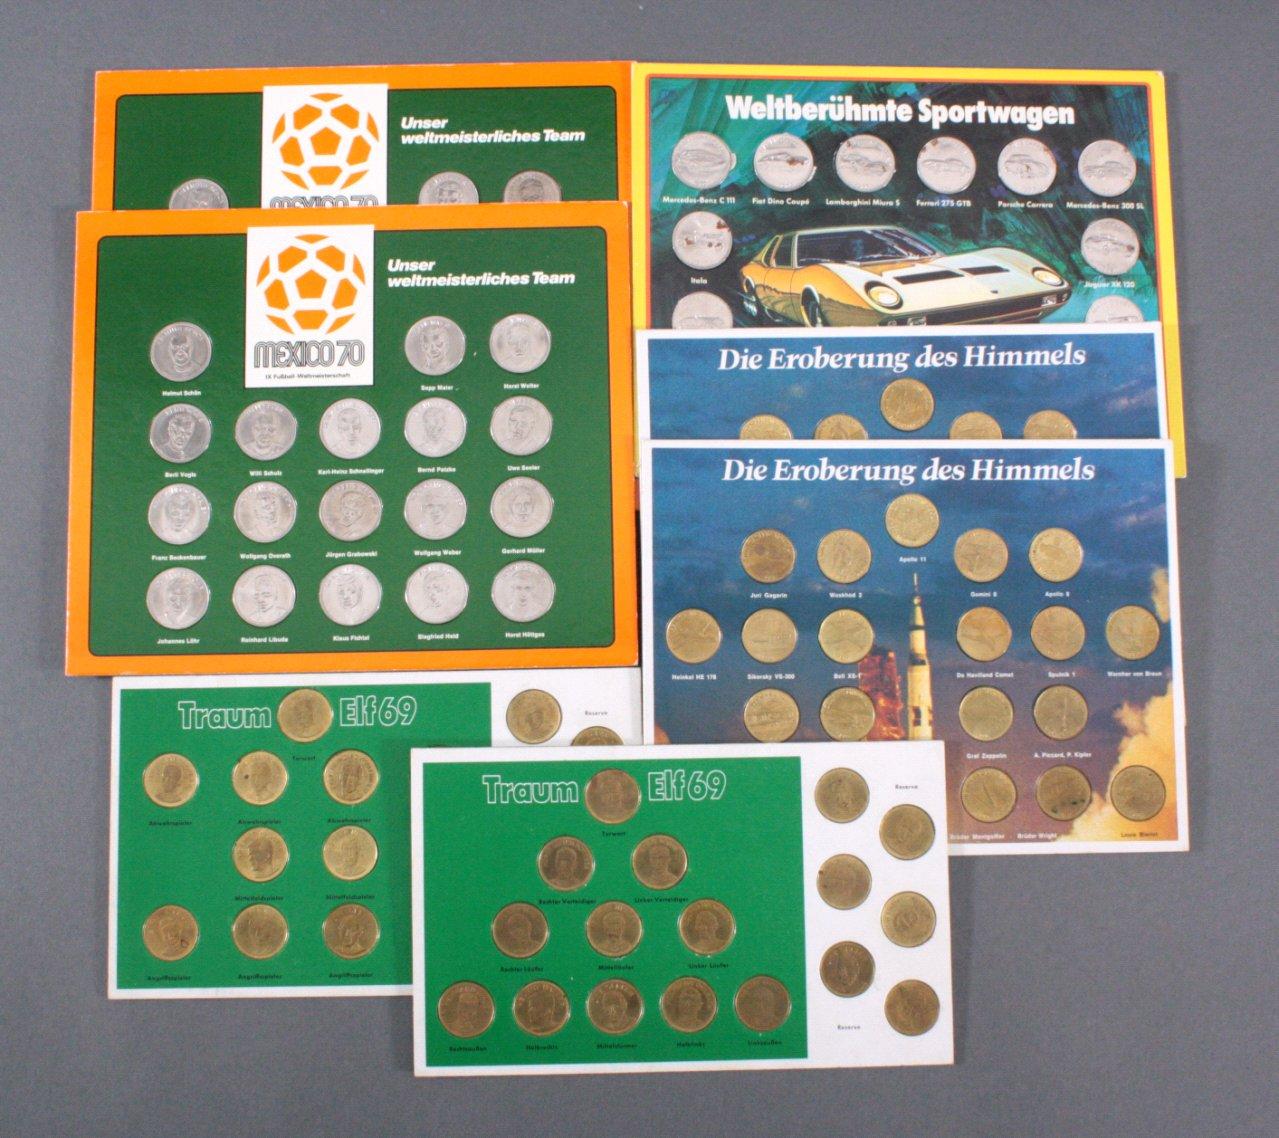 Sammmlung Medaillen